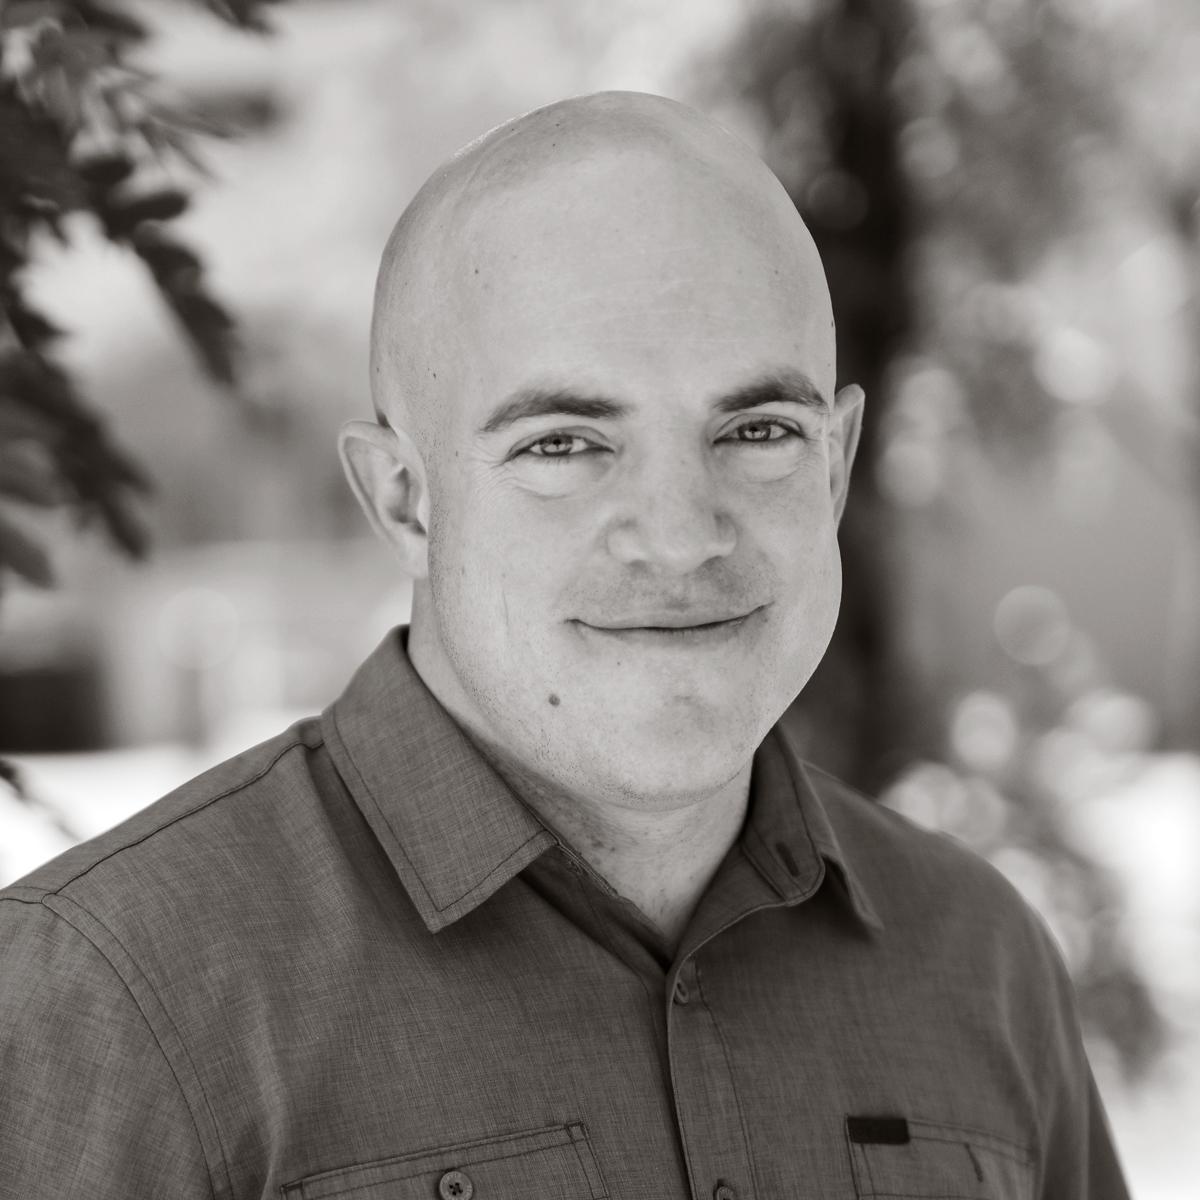 Photo of Matthew Gapinski